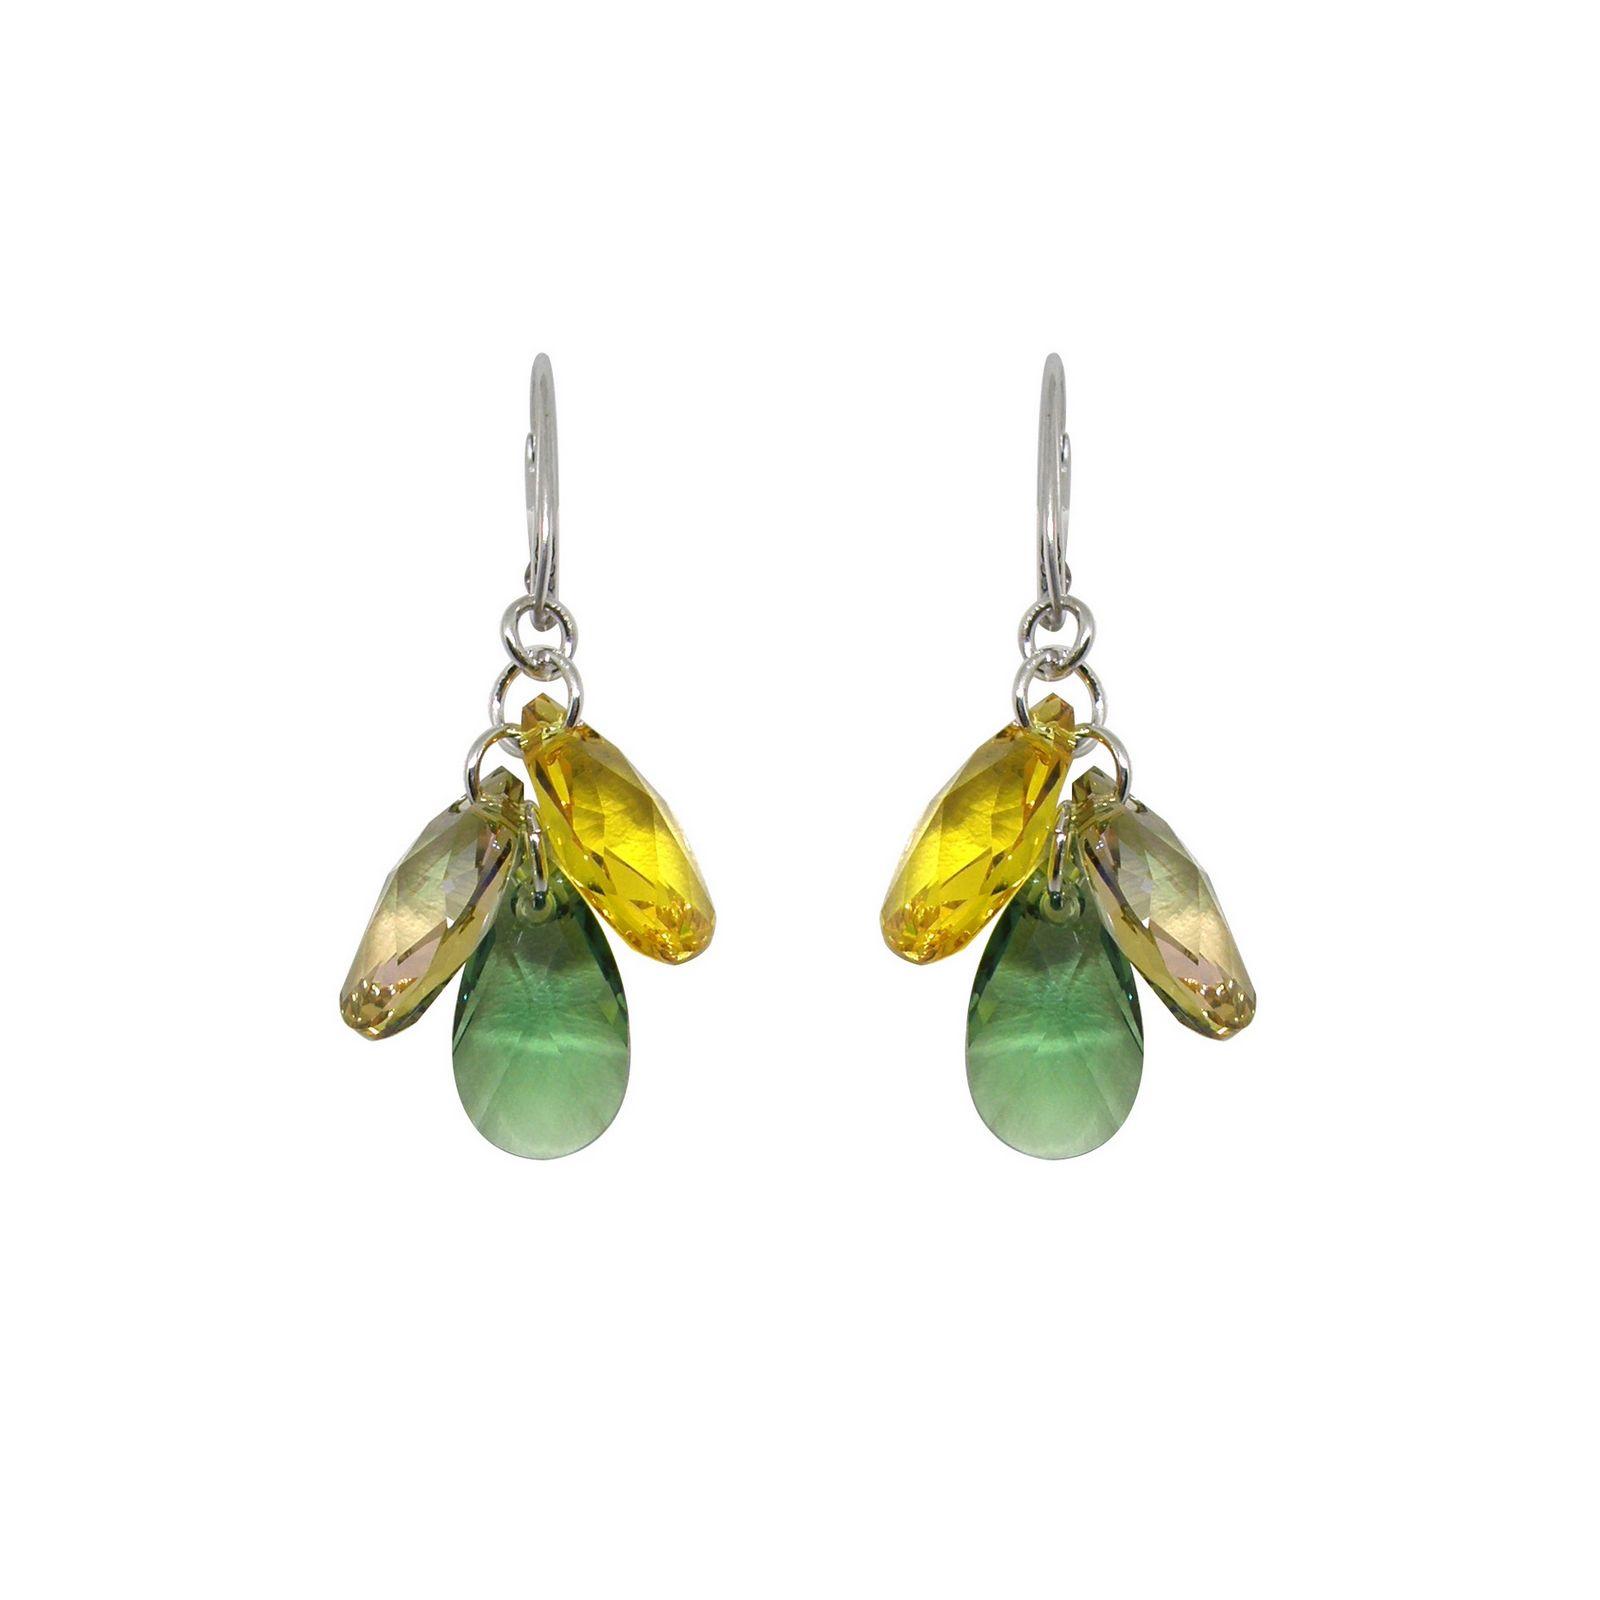 Boucles d'oreilles Indicolite Fleur en argent et cristaux Swarovski jaunes et verts